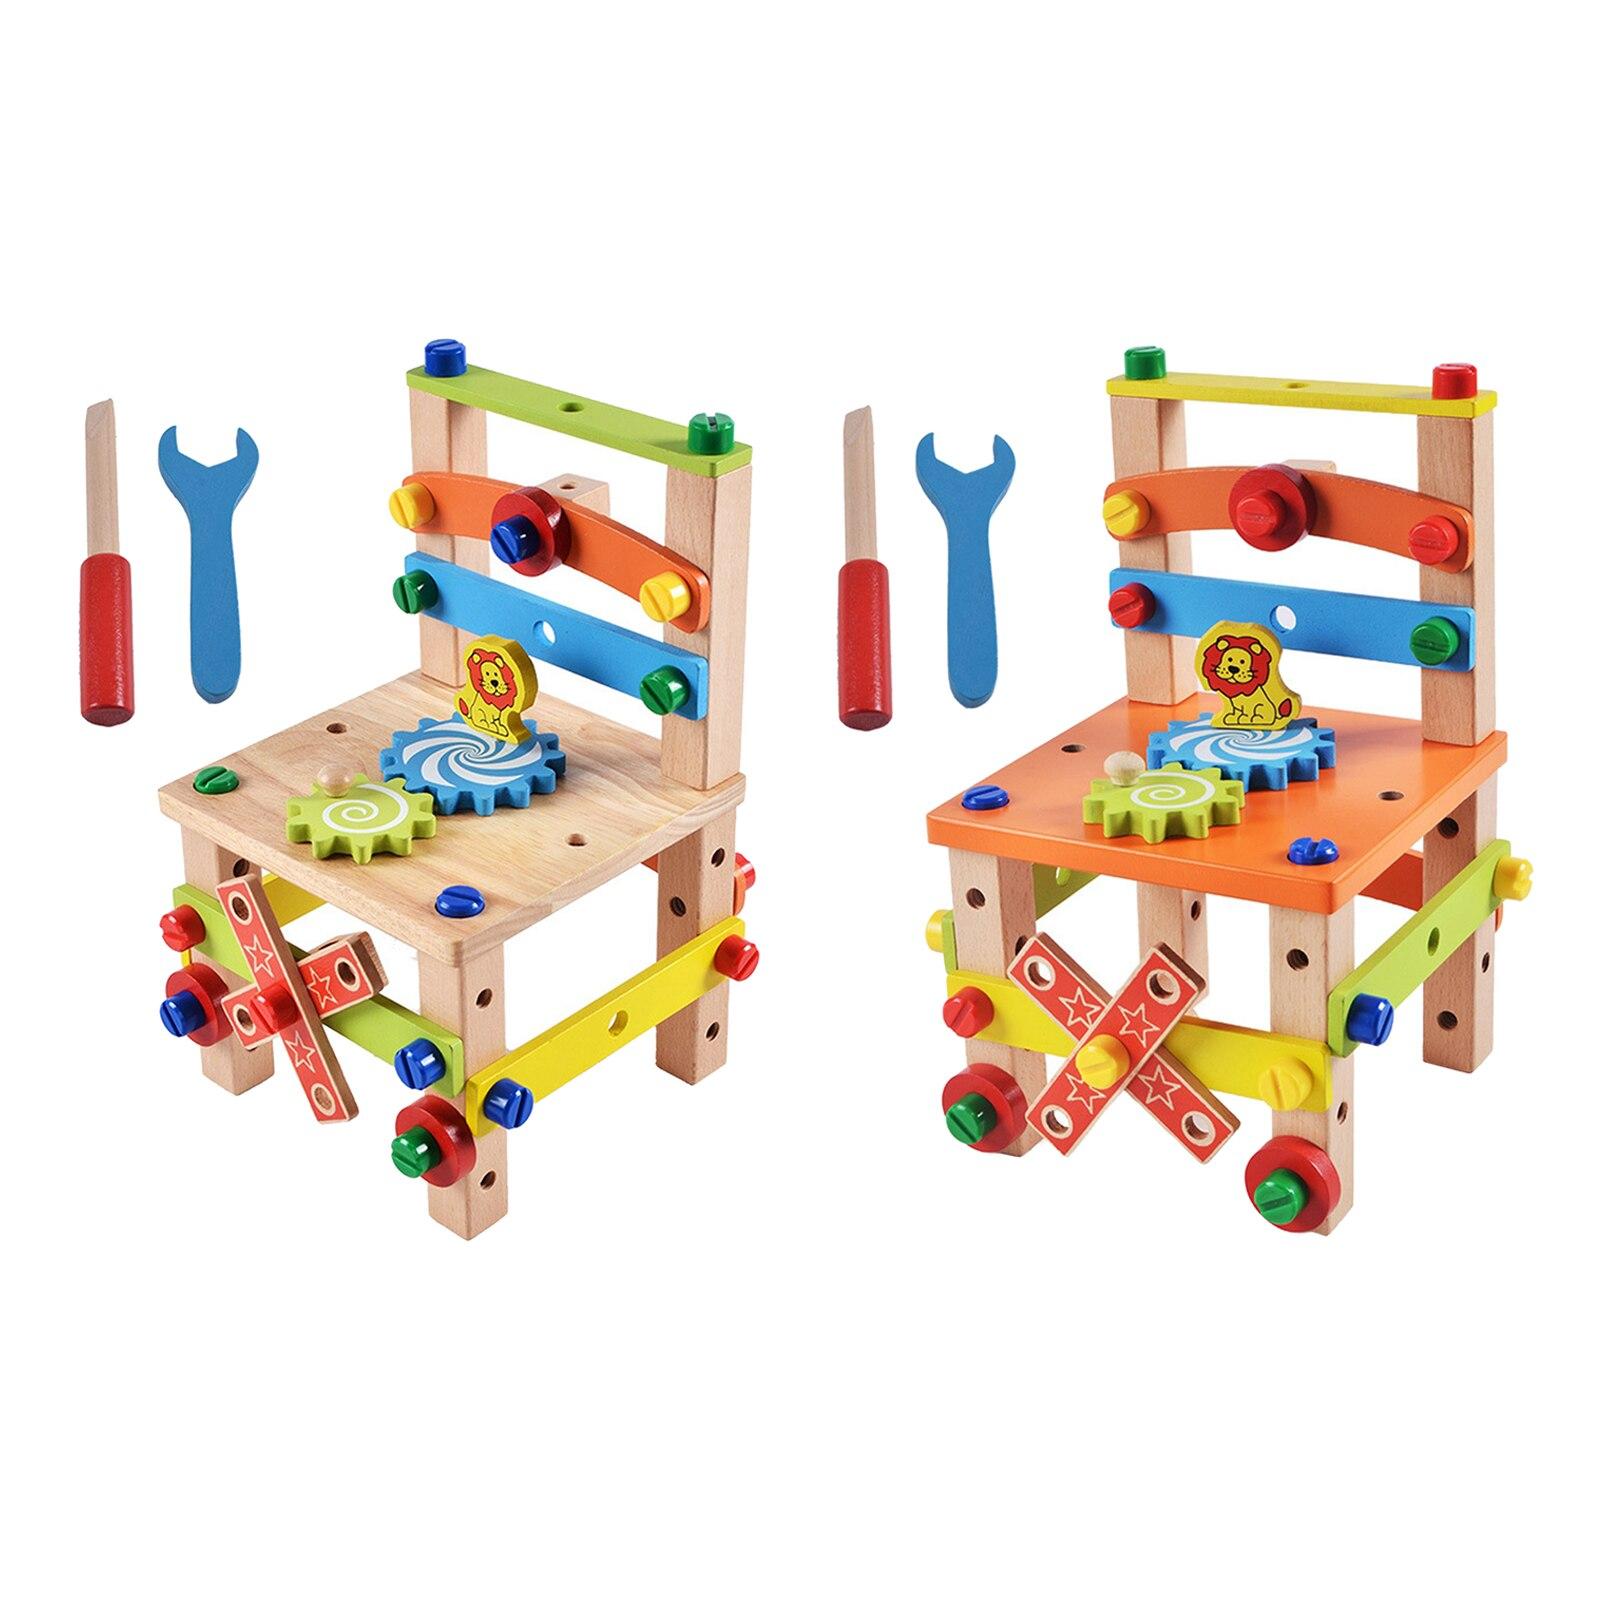 Montessori jouets bricolage assemblage chaise jouets en bois pour enfants Montessori jouet éducatif préscolaire sensoriel jouets